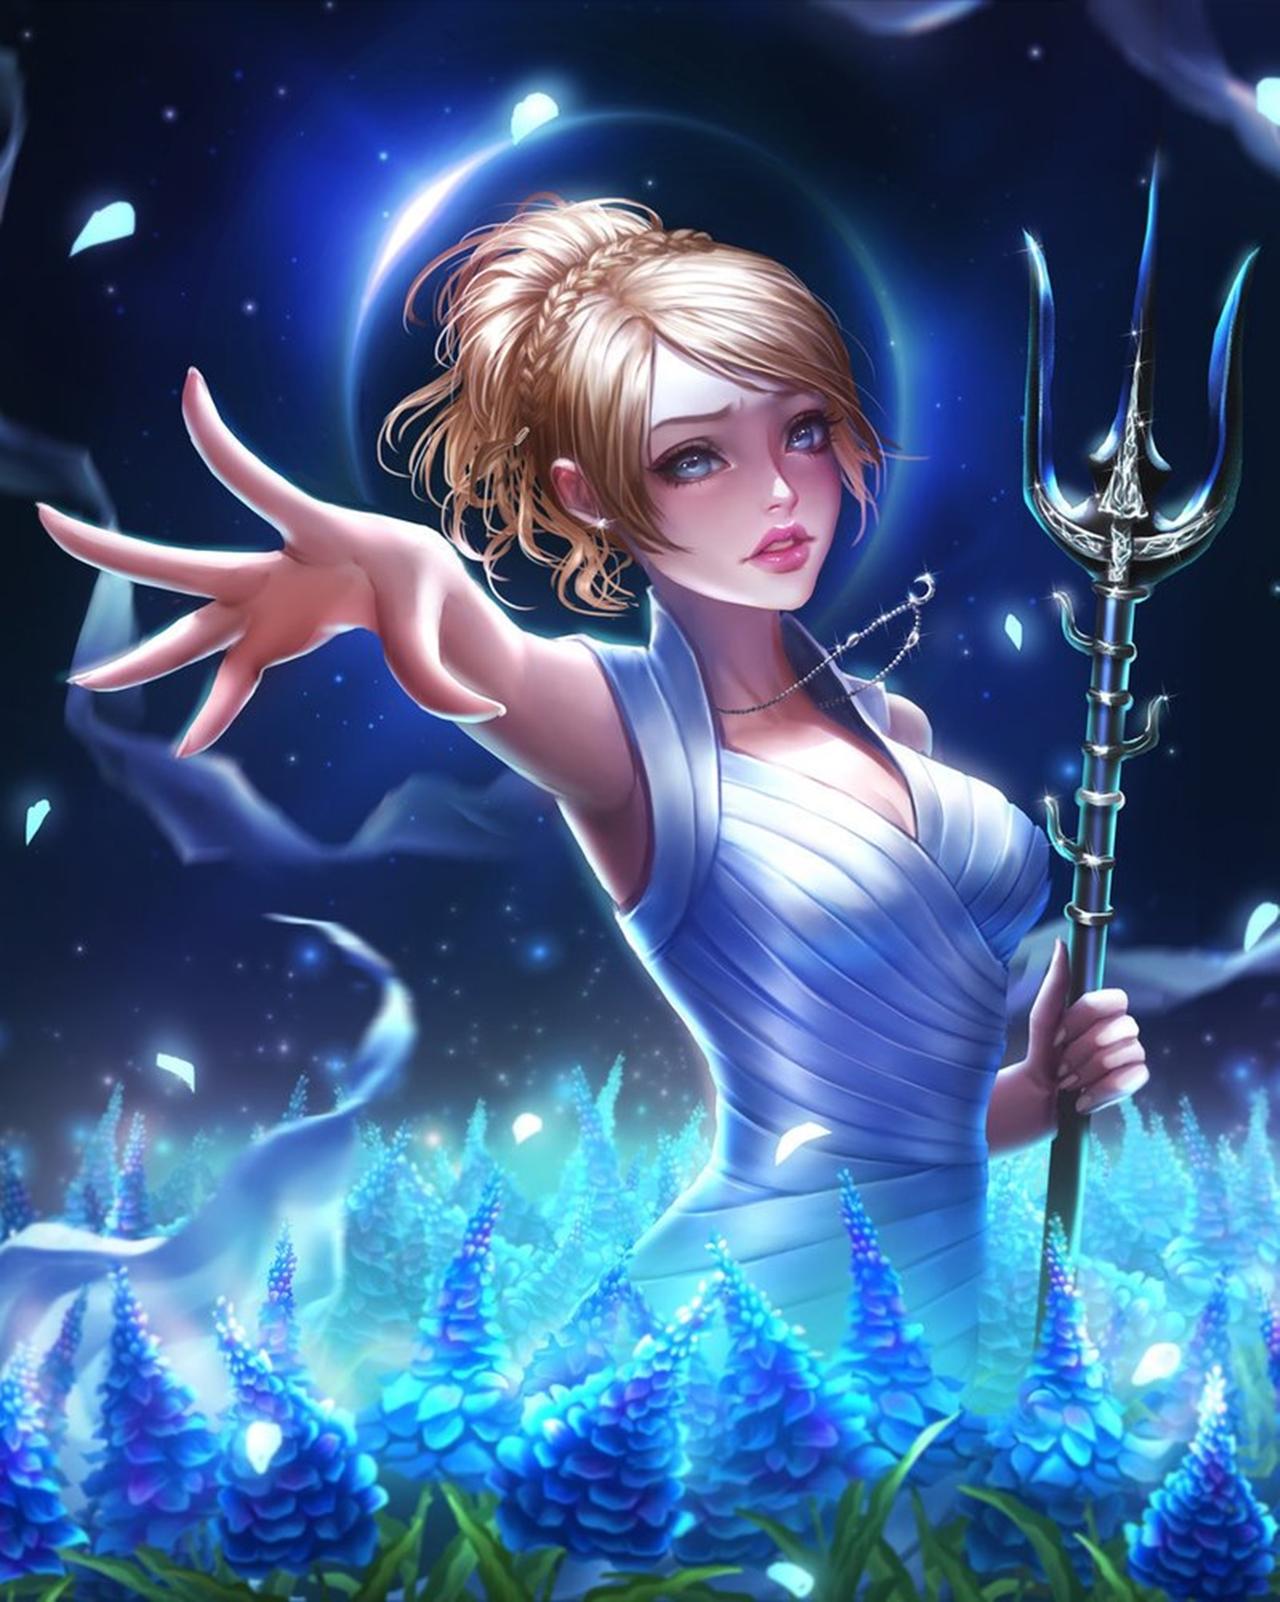 Final Fantasy 15 Лунафрейя Нокс Флюрет бывшая принцесса Тенебрэ - Final Fantasy 15 Арт, Лунафрейя